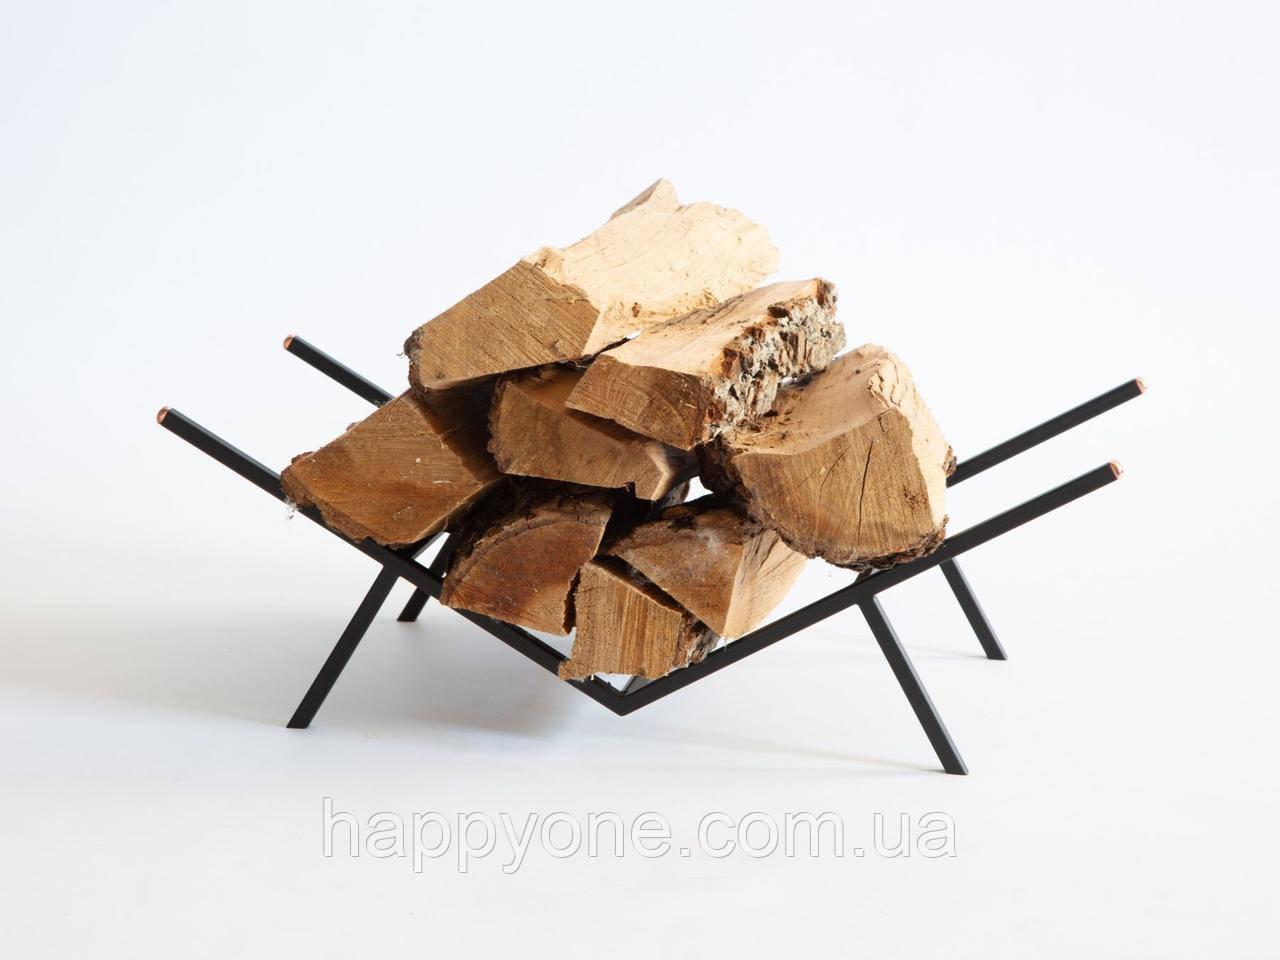 Стильная подставка для дров